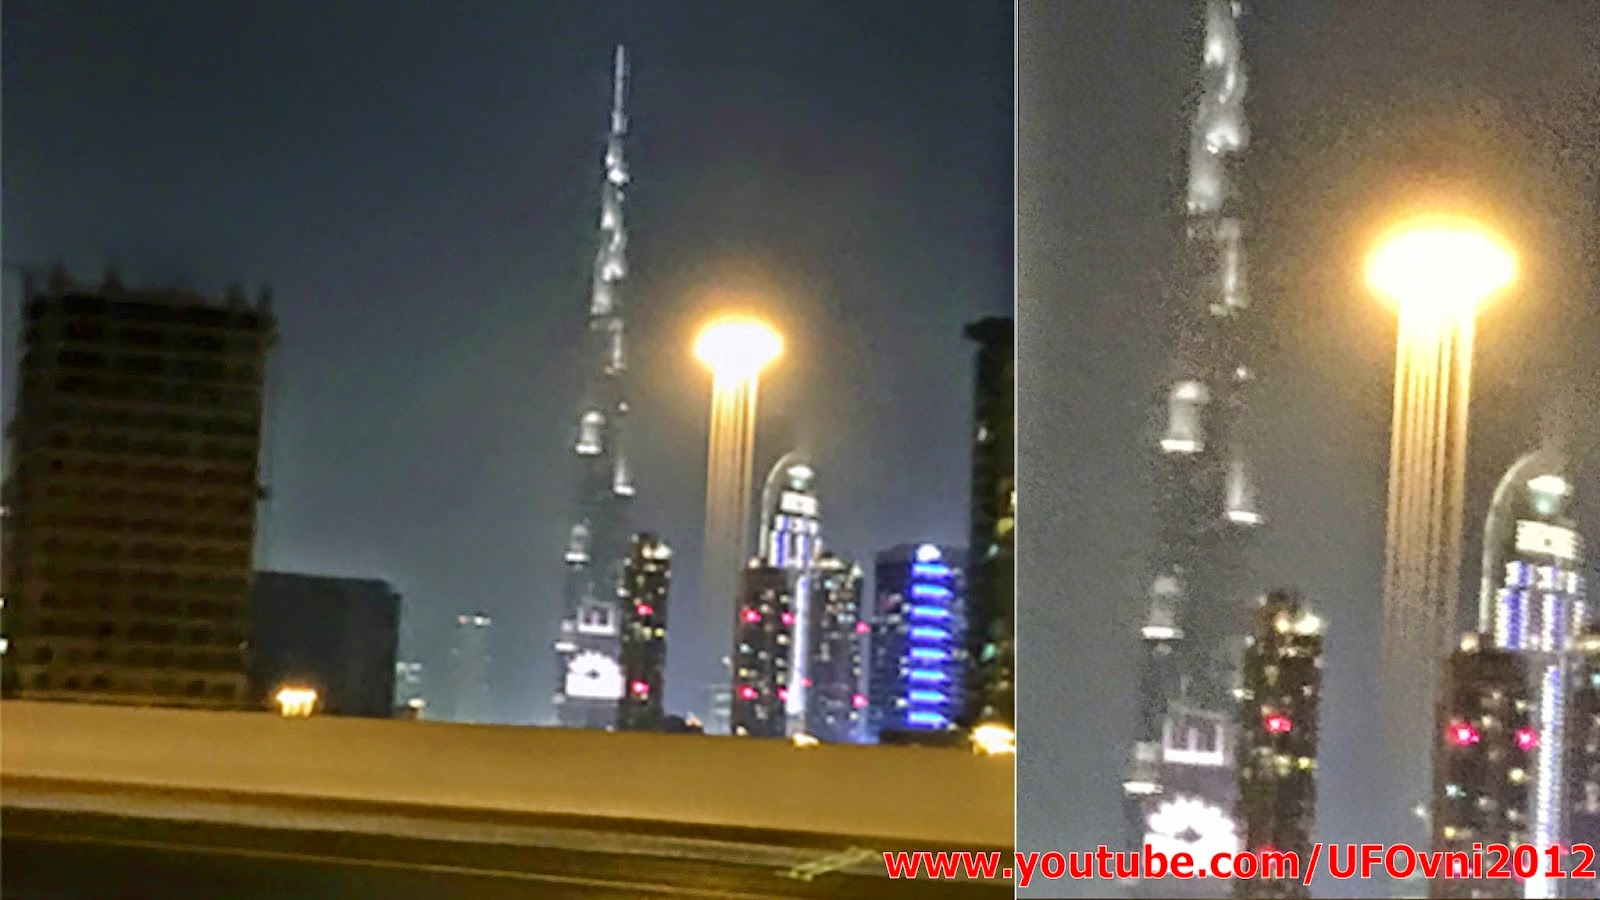 OVNI étrange lumière au-dessus de Dubaï, le 18 Janvier 2015